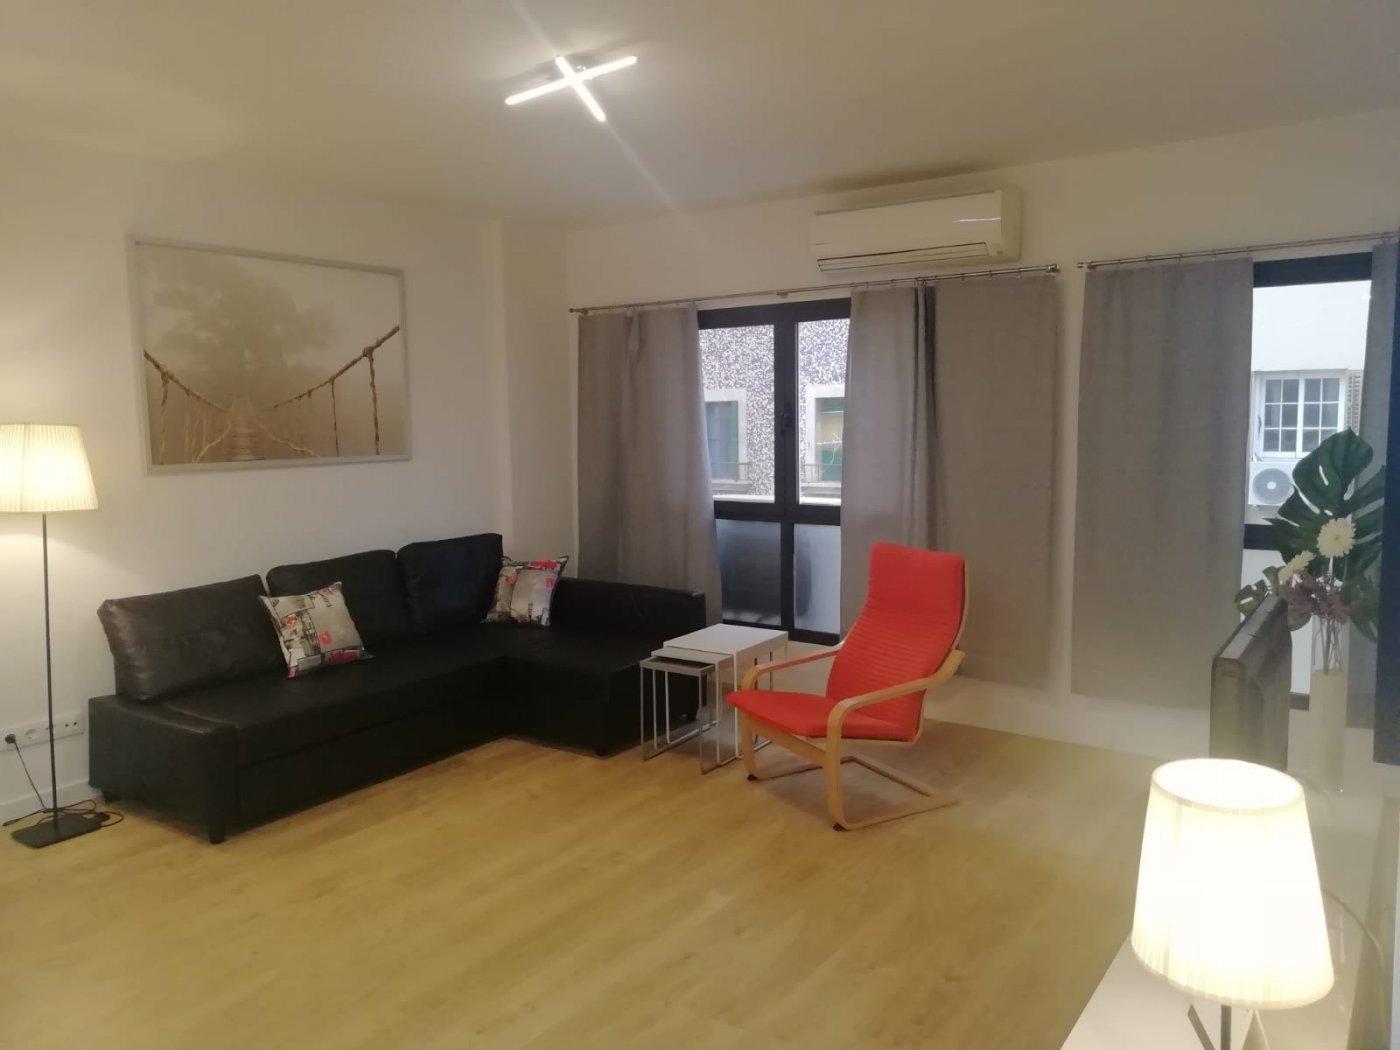 Moderno piso en el centro de palma - imagenInmueble6